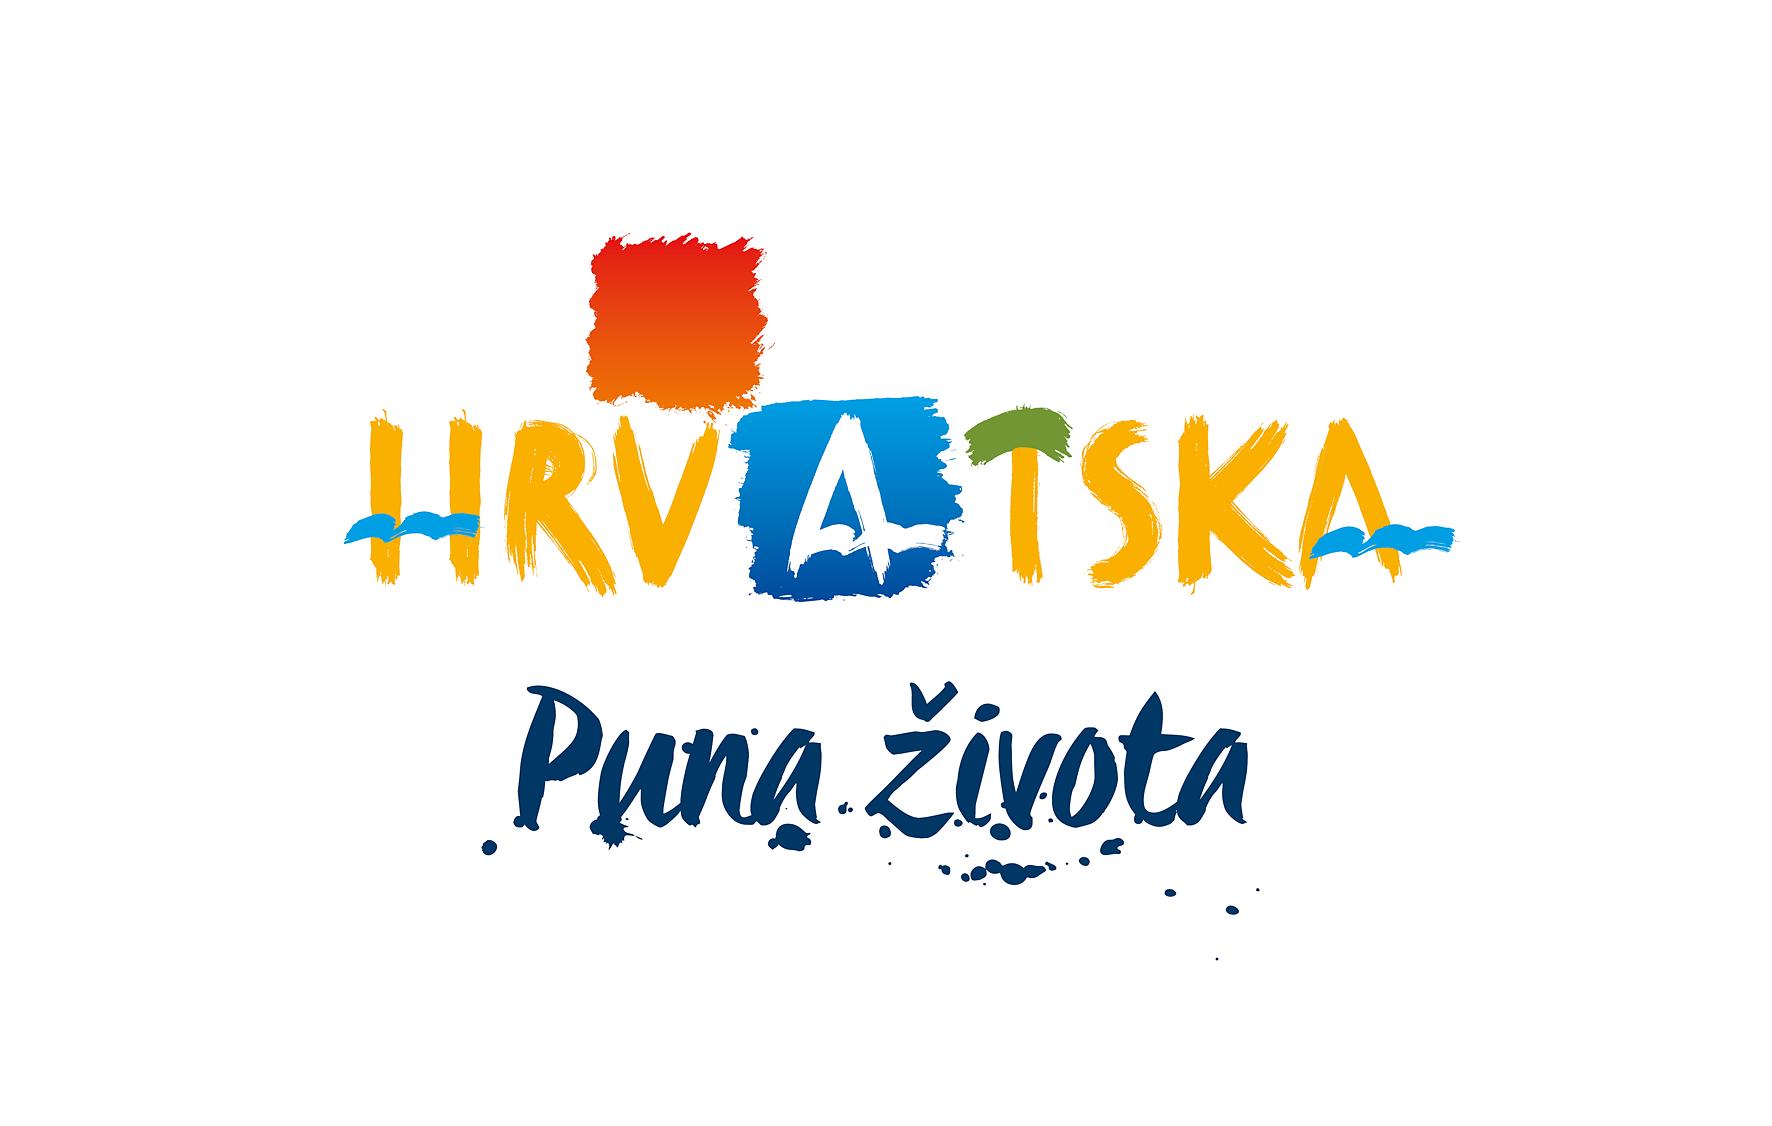 Hrvaatska turistička zajednica